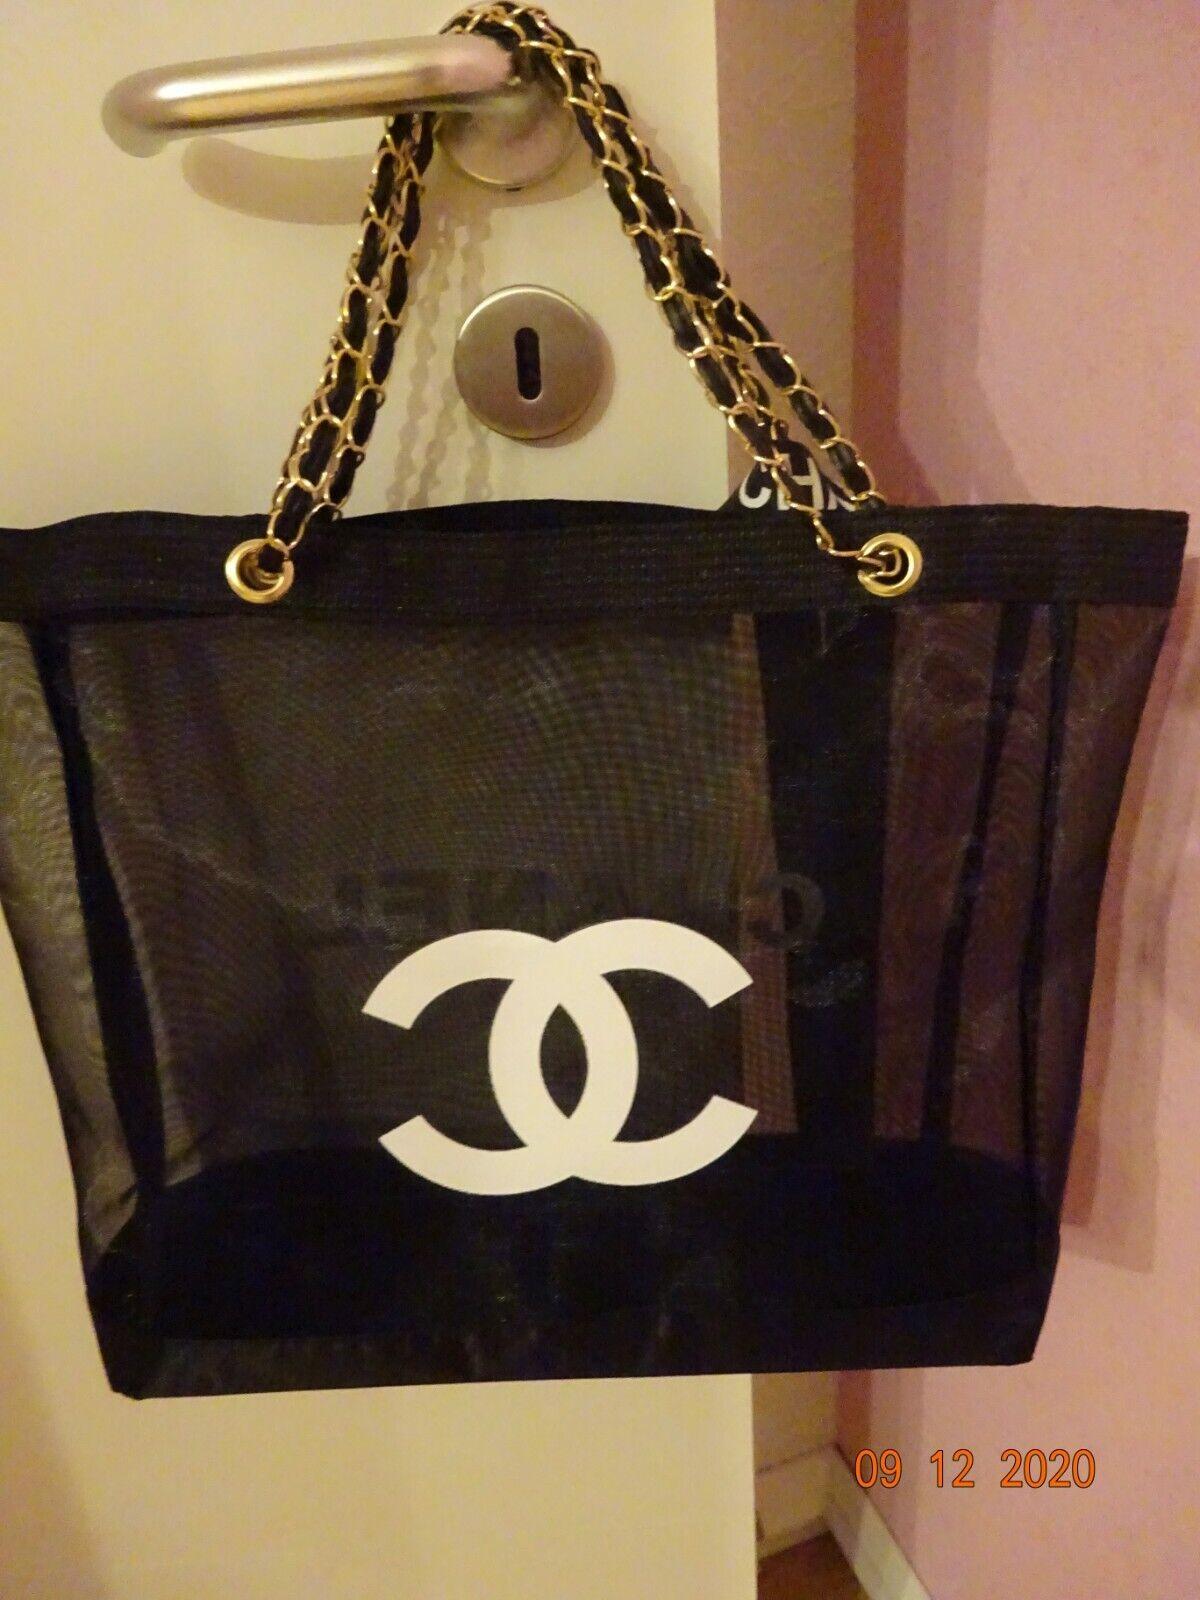 Chanel  sac  a  main  ou cabas  vip gift   cadeau  vip